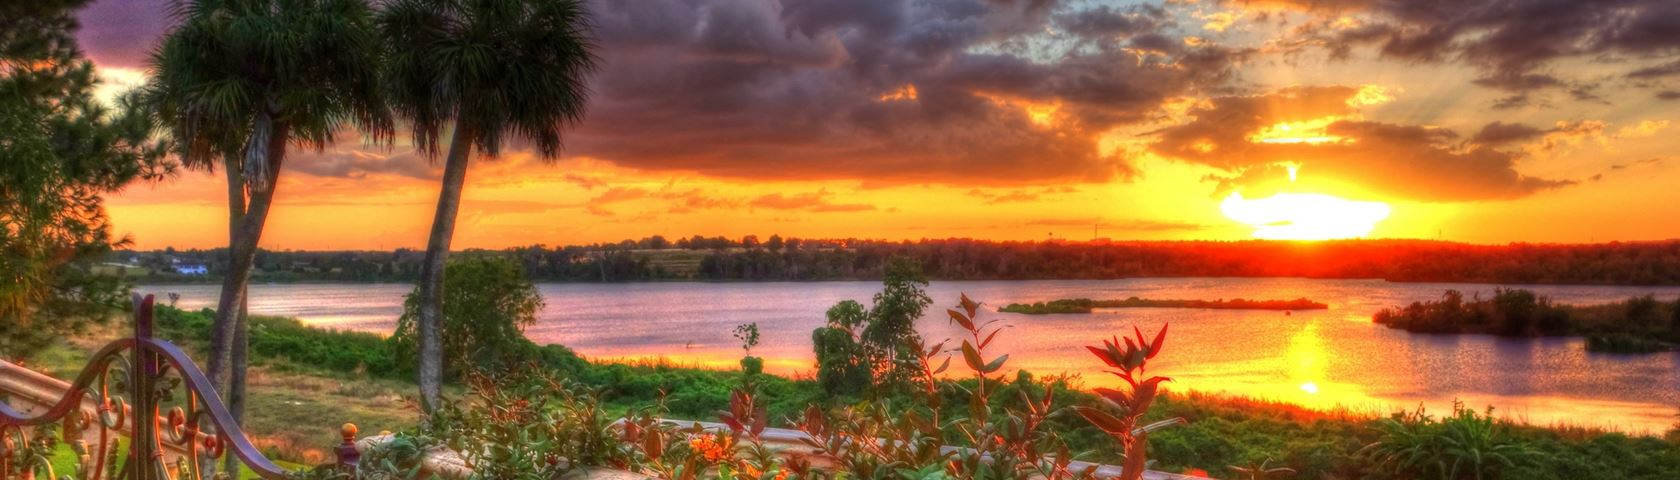 Gorgeous sunset over Lake Apopka in Florida